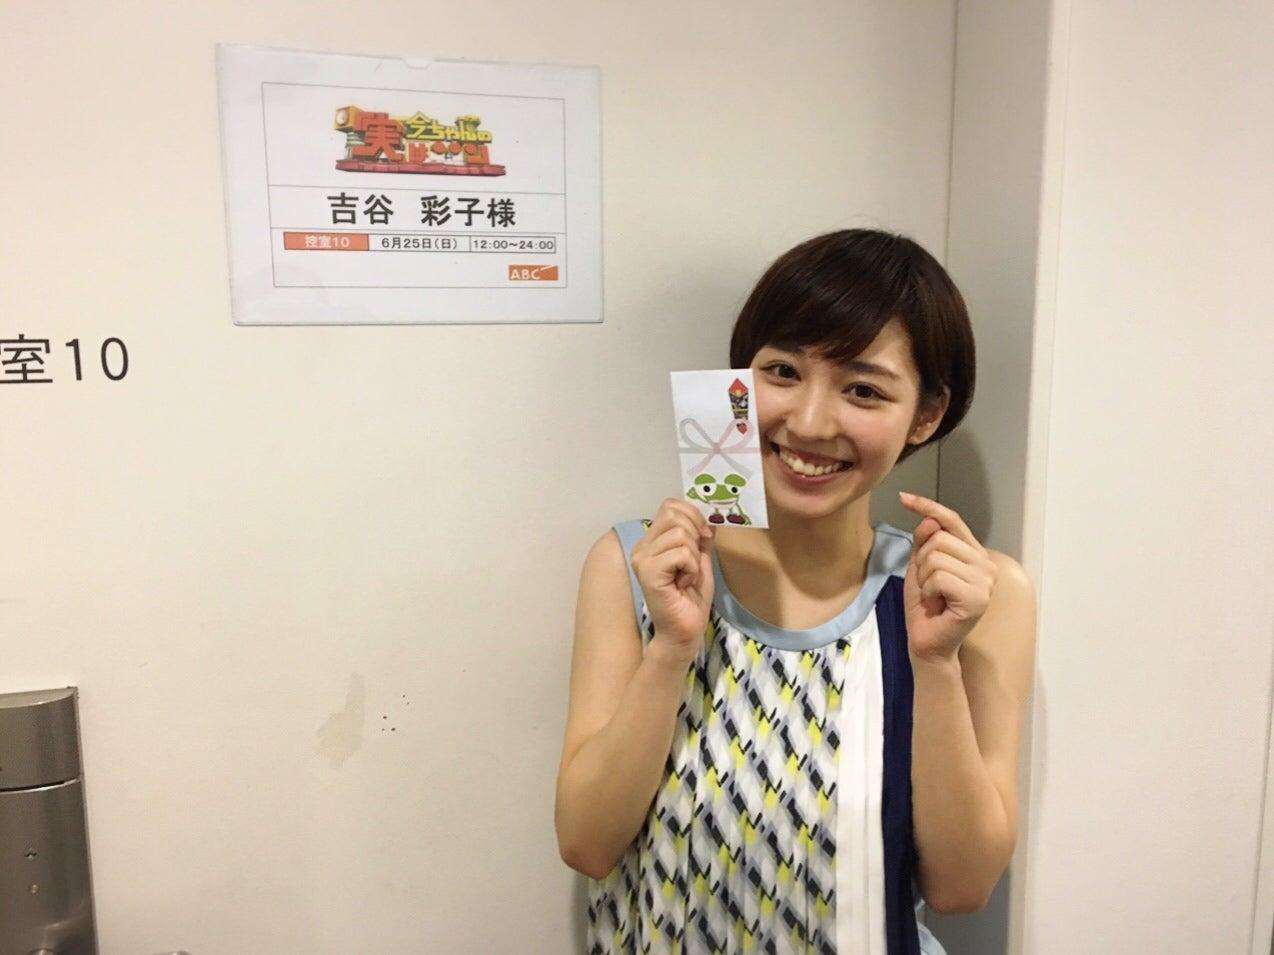 吉谷彩子オフィシャルブログ「Yoshitani Ayako official blog」Powered by Ameba